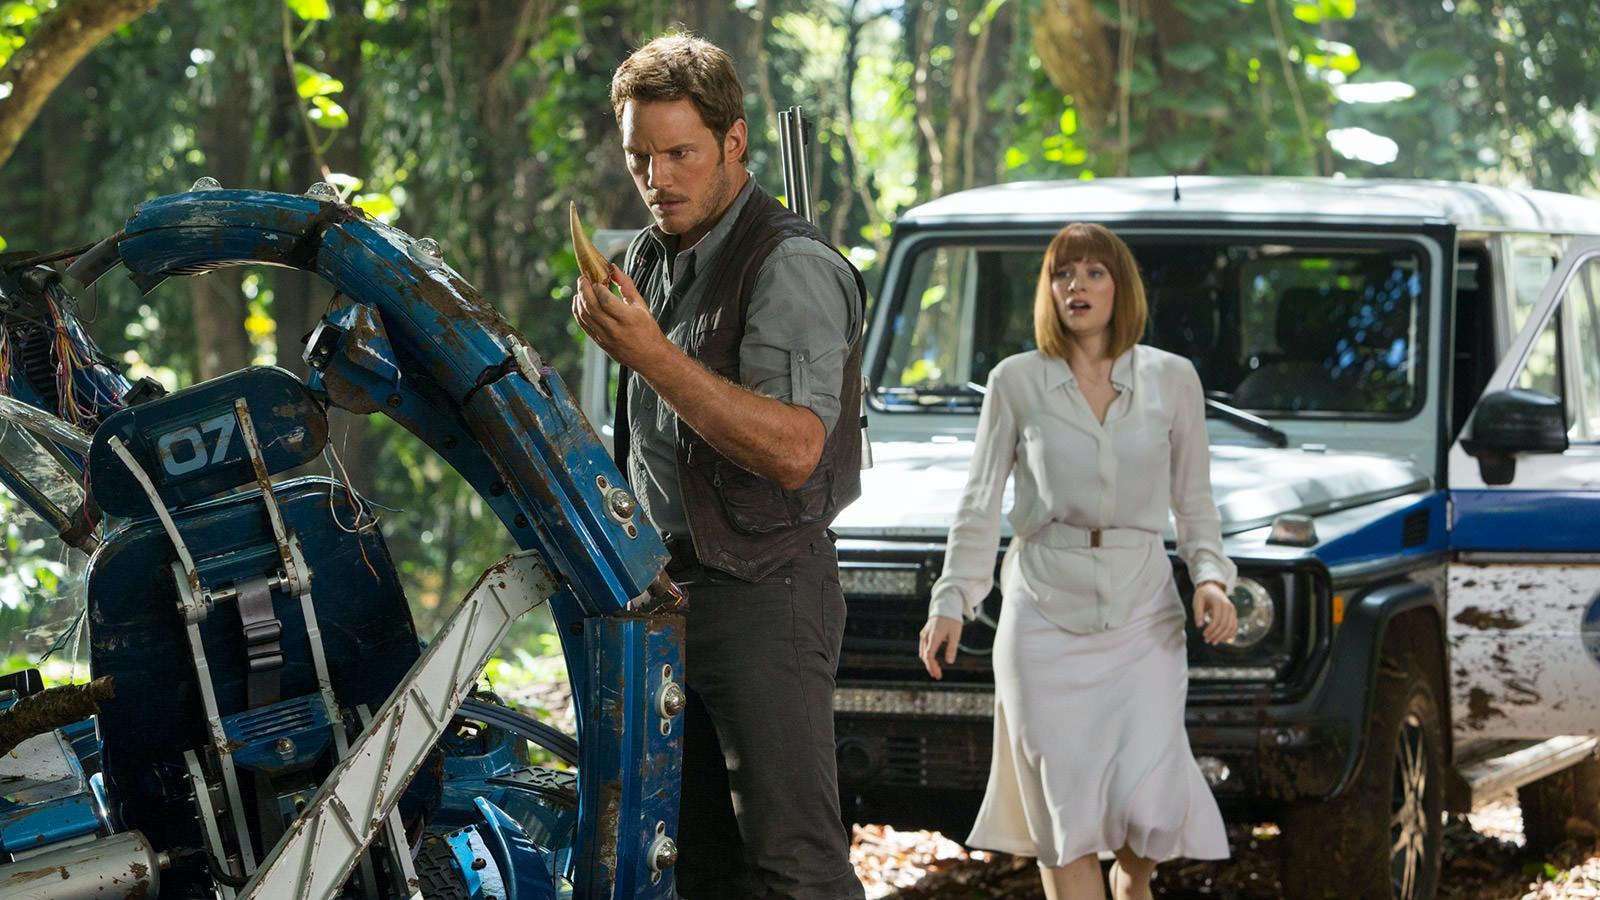 Jurassic Park 4 World Te Dublaj Full HD izle - Hep